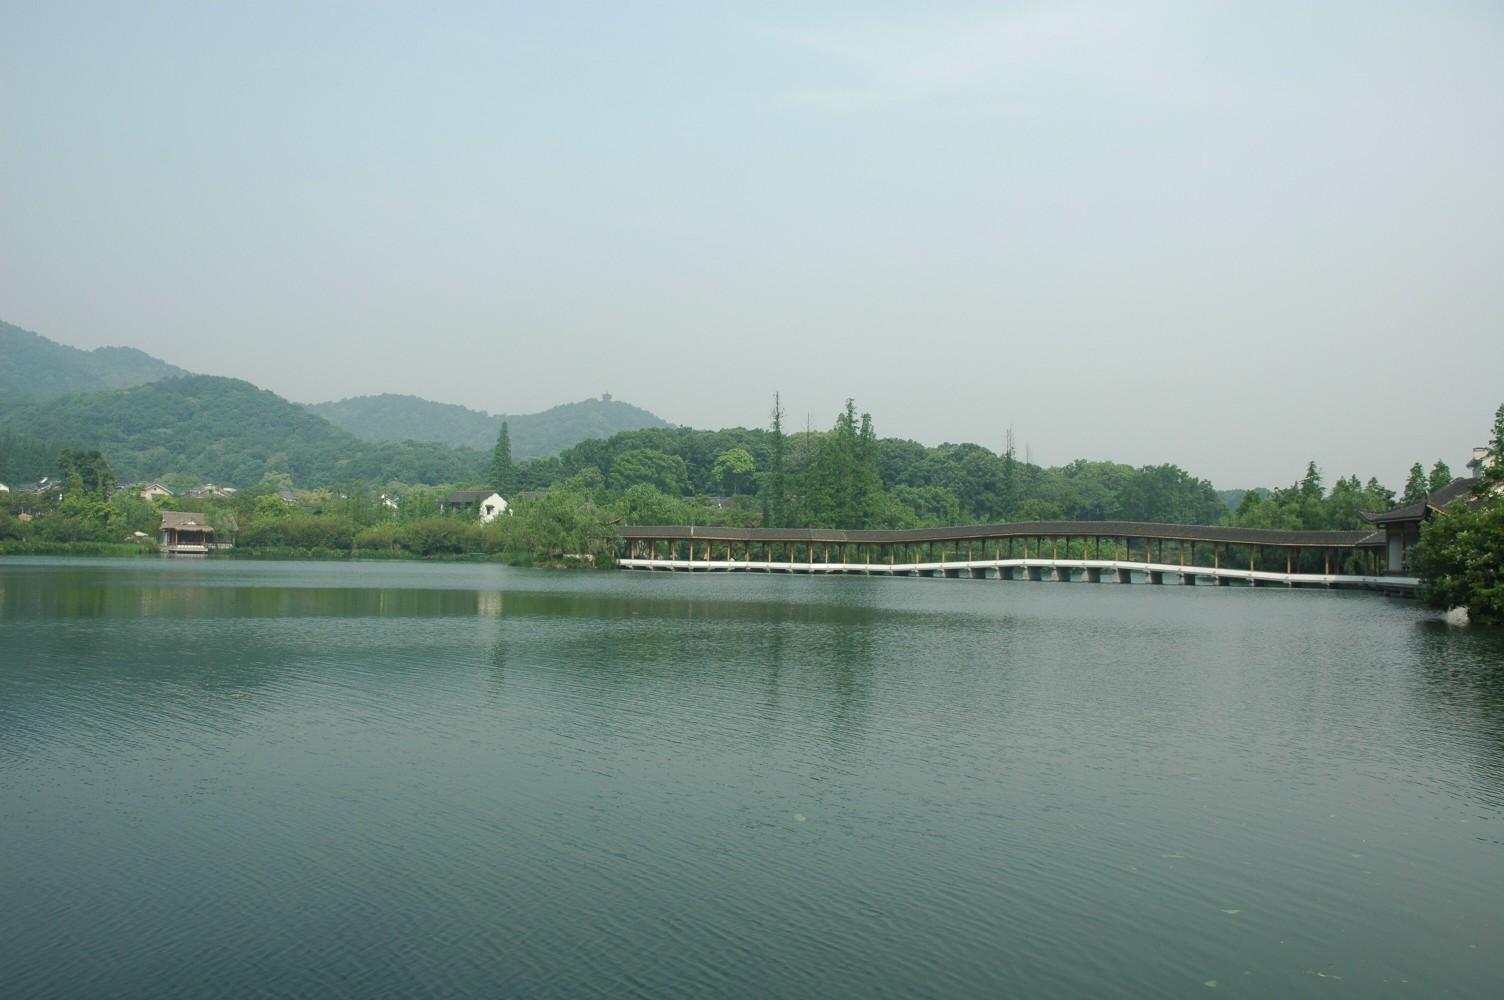 如杨公堤,那里也有很多风景点,靠近北山路开始的有如杭州花圃,曲院